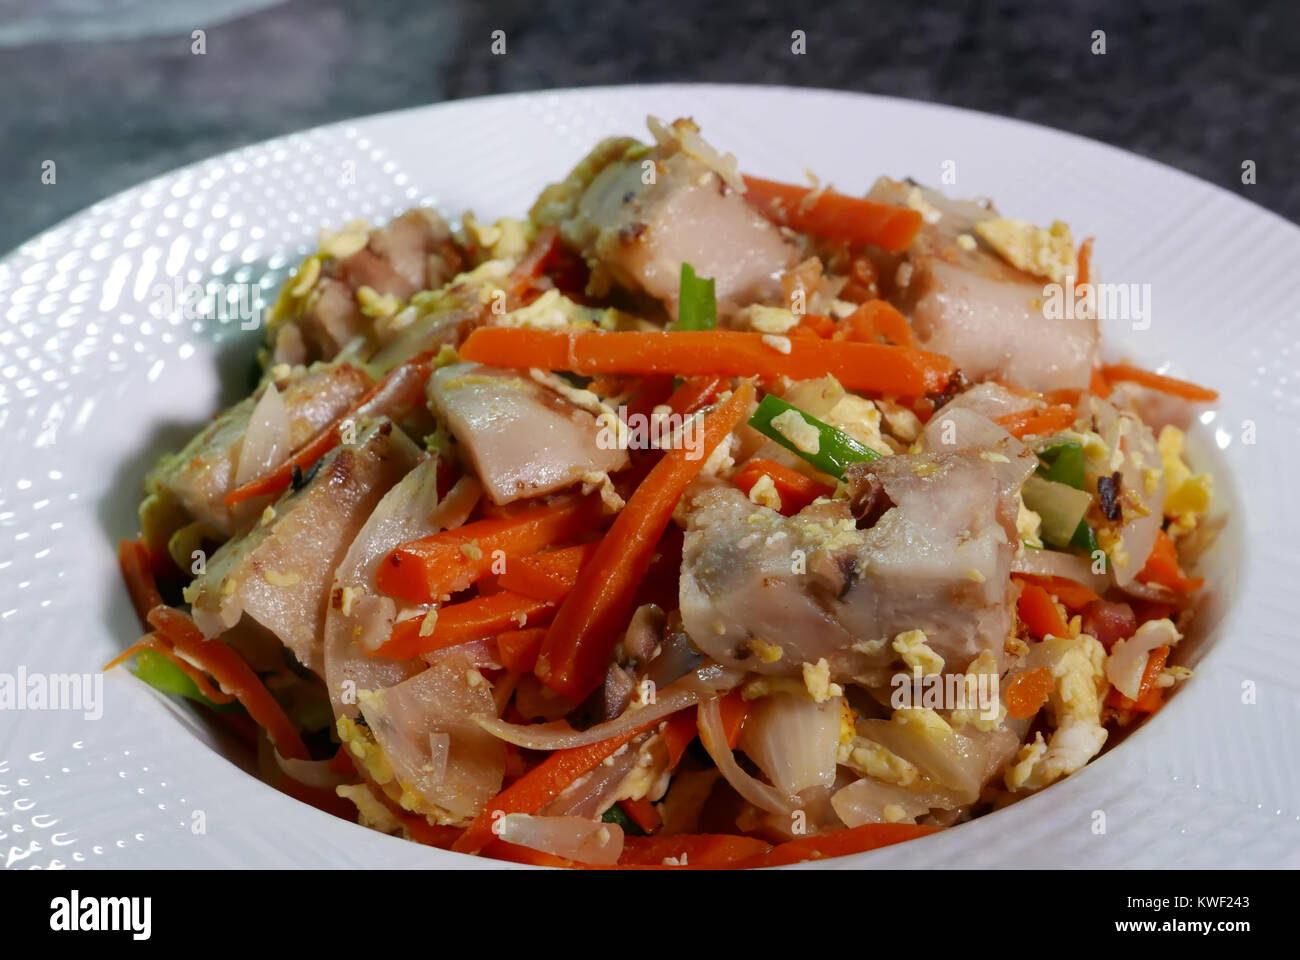 Cocina China Tradicional | Cerca De Taro Chino Frito Pastel Sobre Tabla De Cocina China